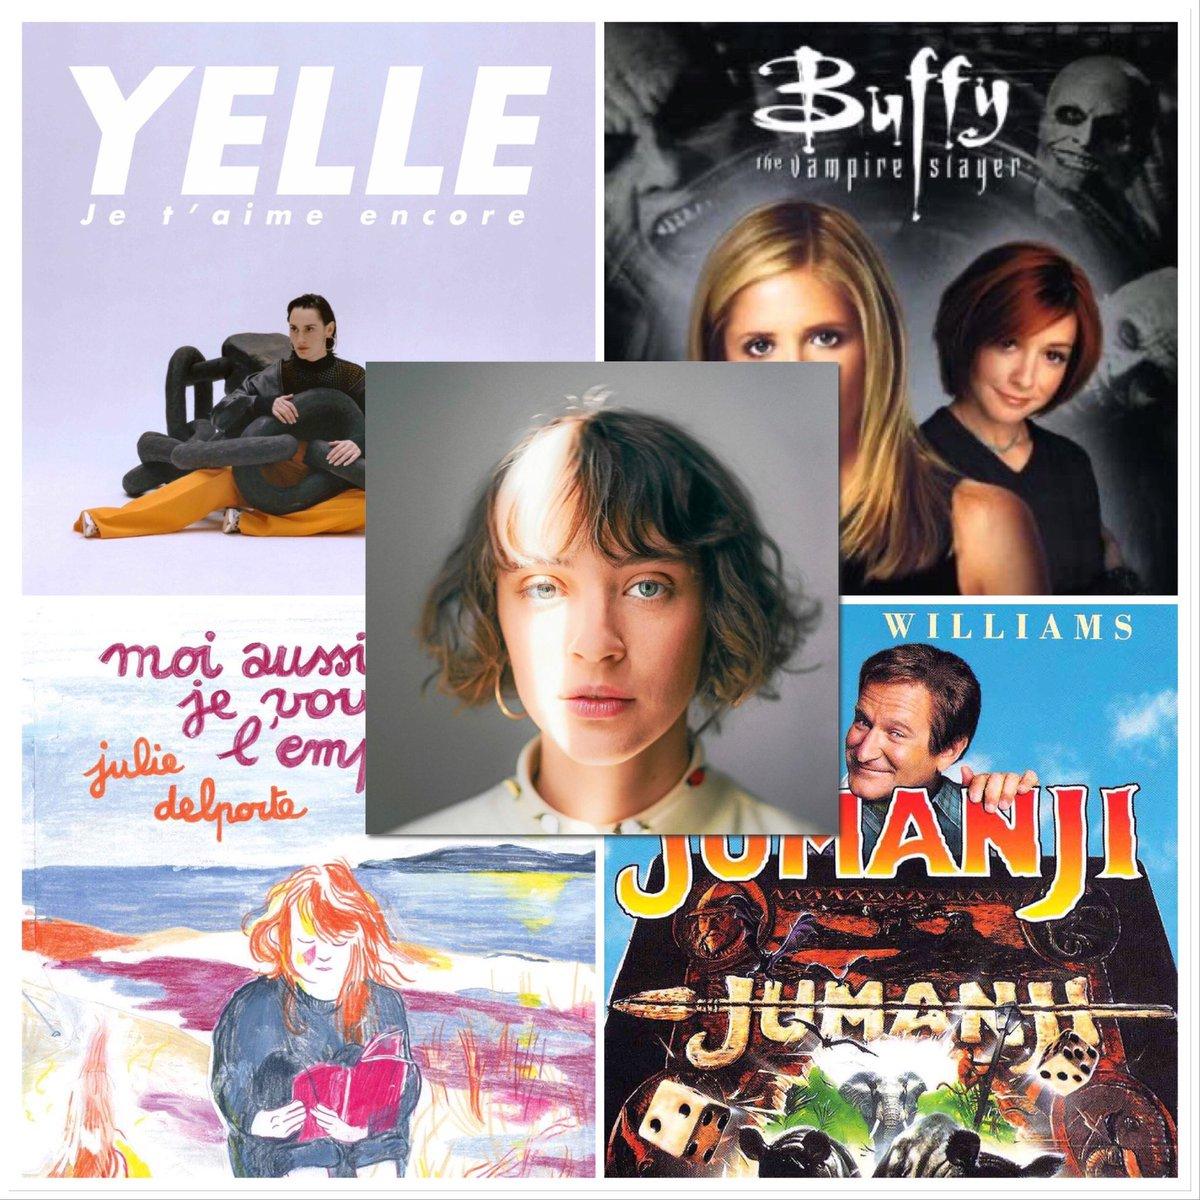 Pendant le confinement, qu'a lu, écouté et regardé @Pommeofficial ?   Réponse avec sa pop-liste ! Au programme : Yelle, Buffy, Jumanji et Julie Delporte   🎧 Pour réécouter l'émission du jour : https://t.co/vIQ9GvebhT https://t.co/op0QPqB0bR